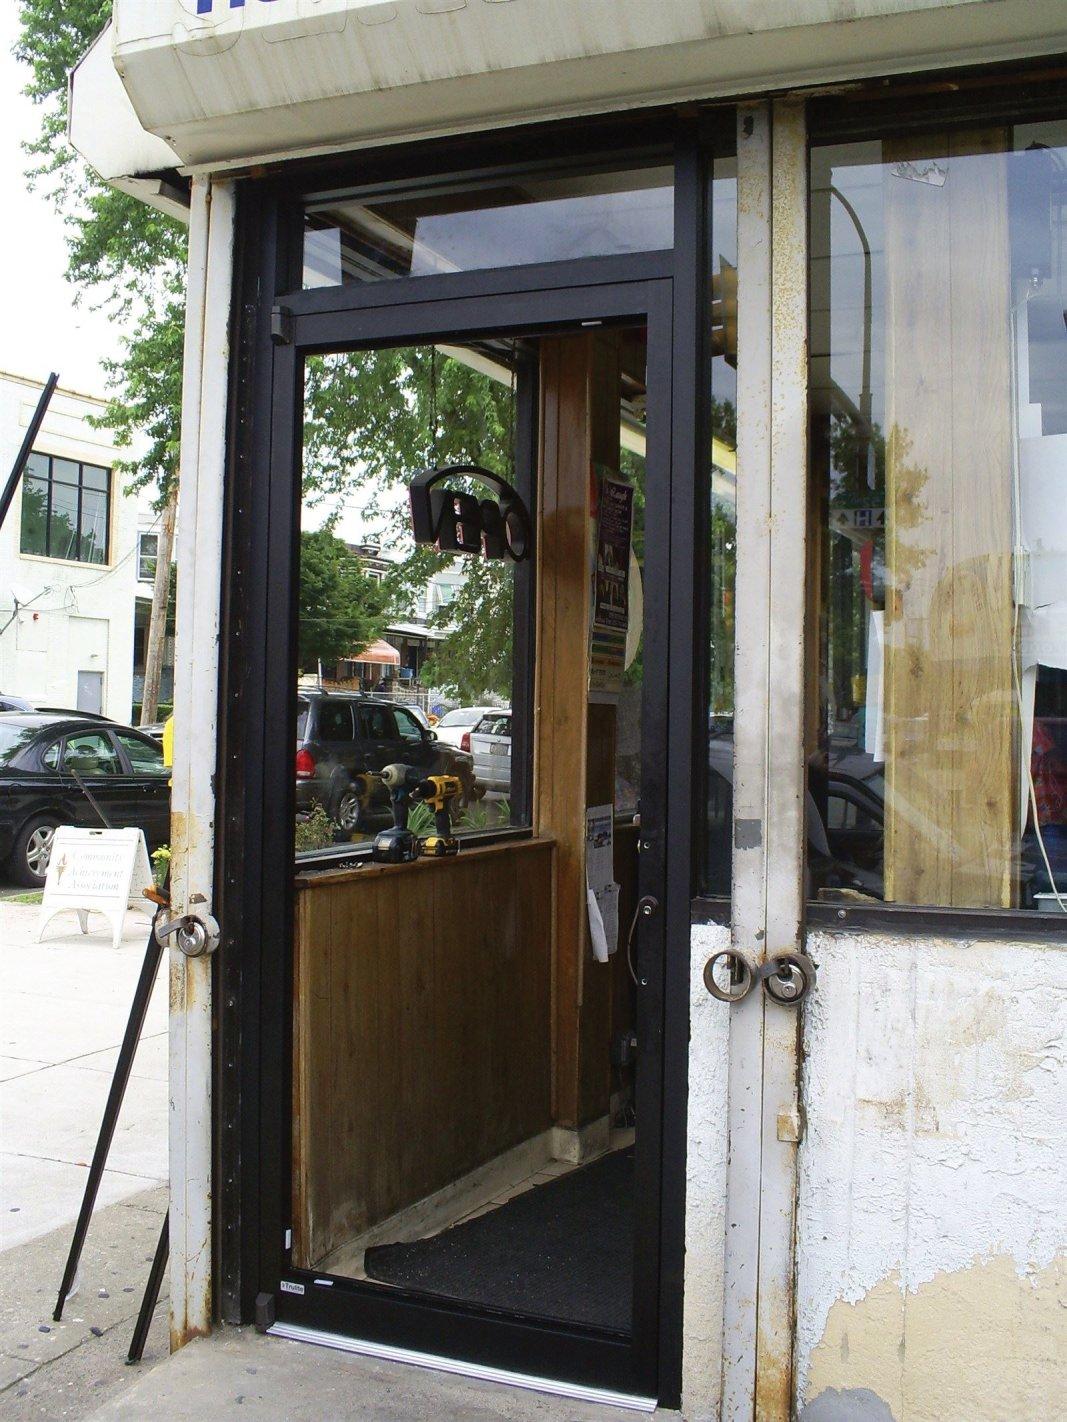 : Installing the new door glass